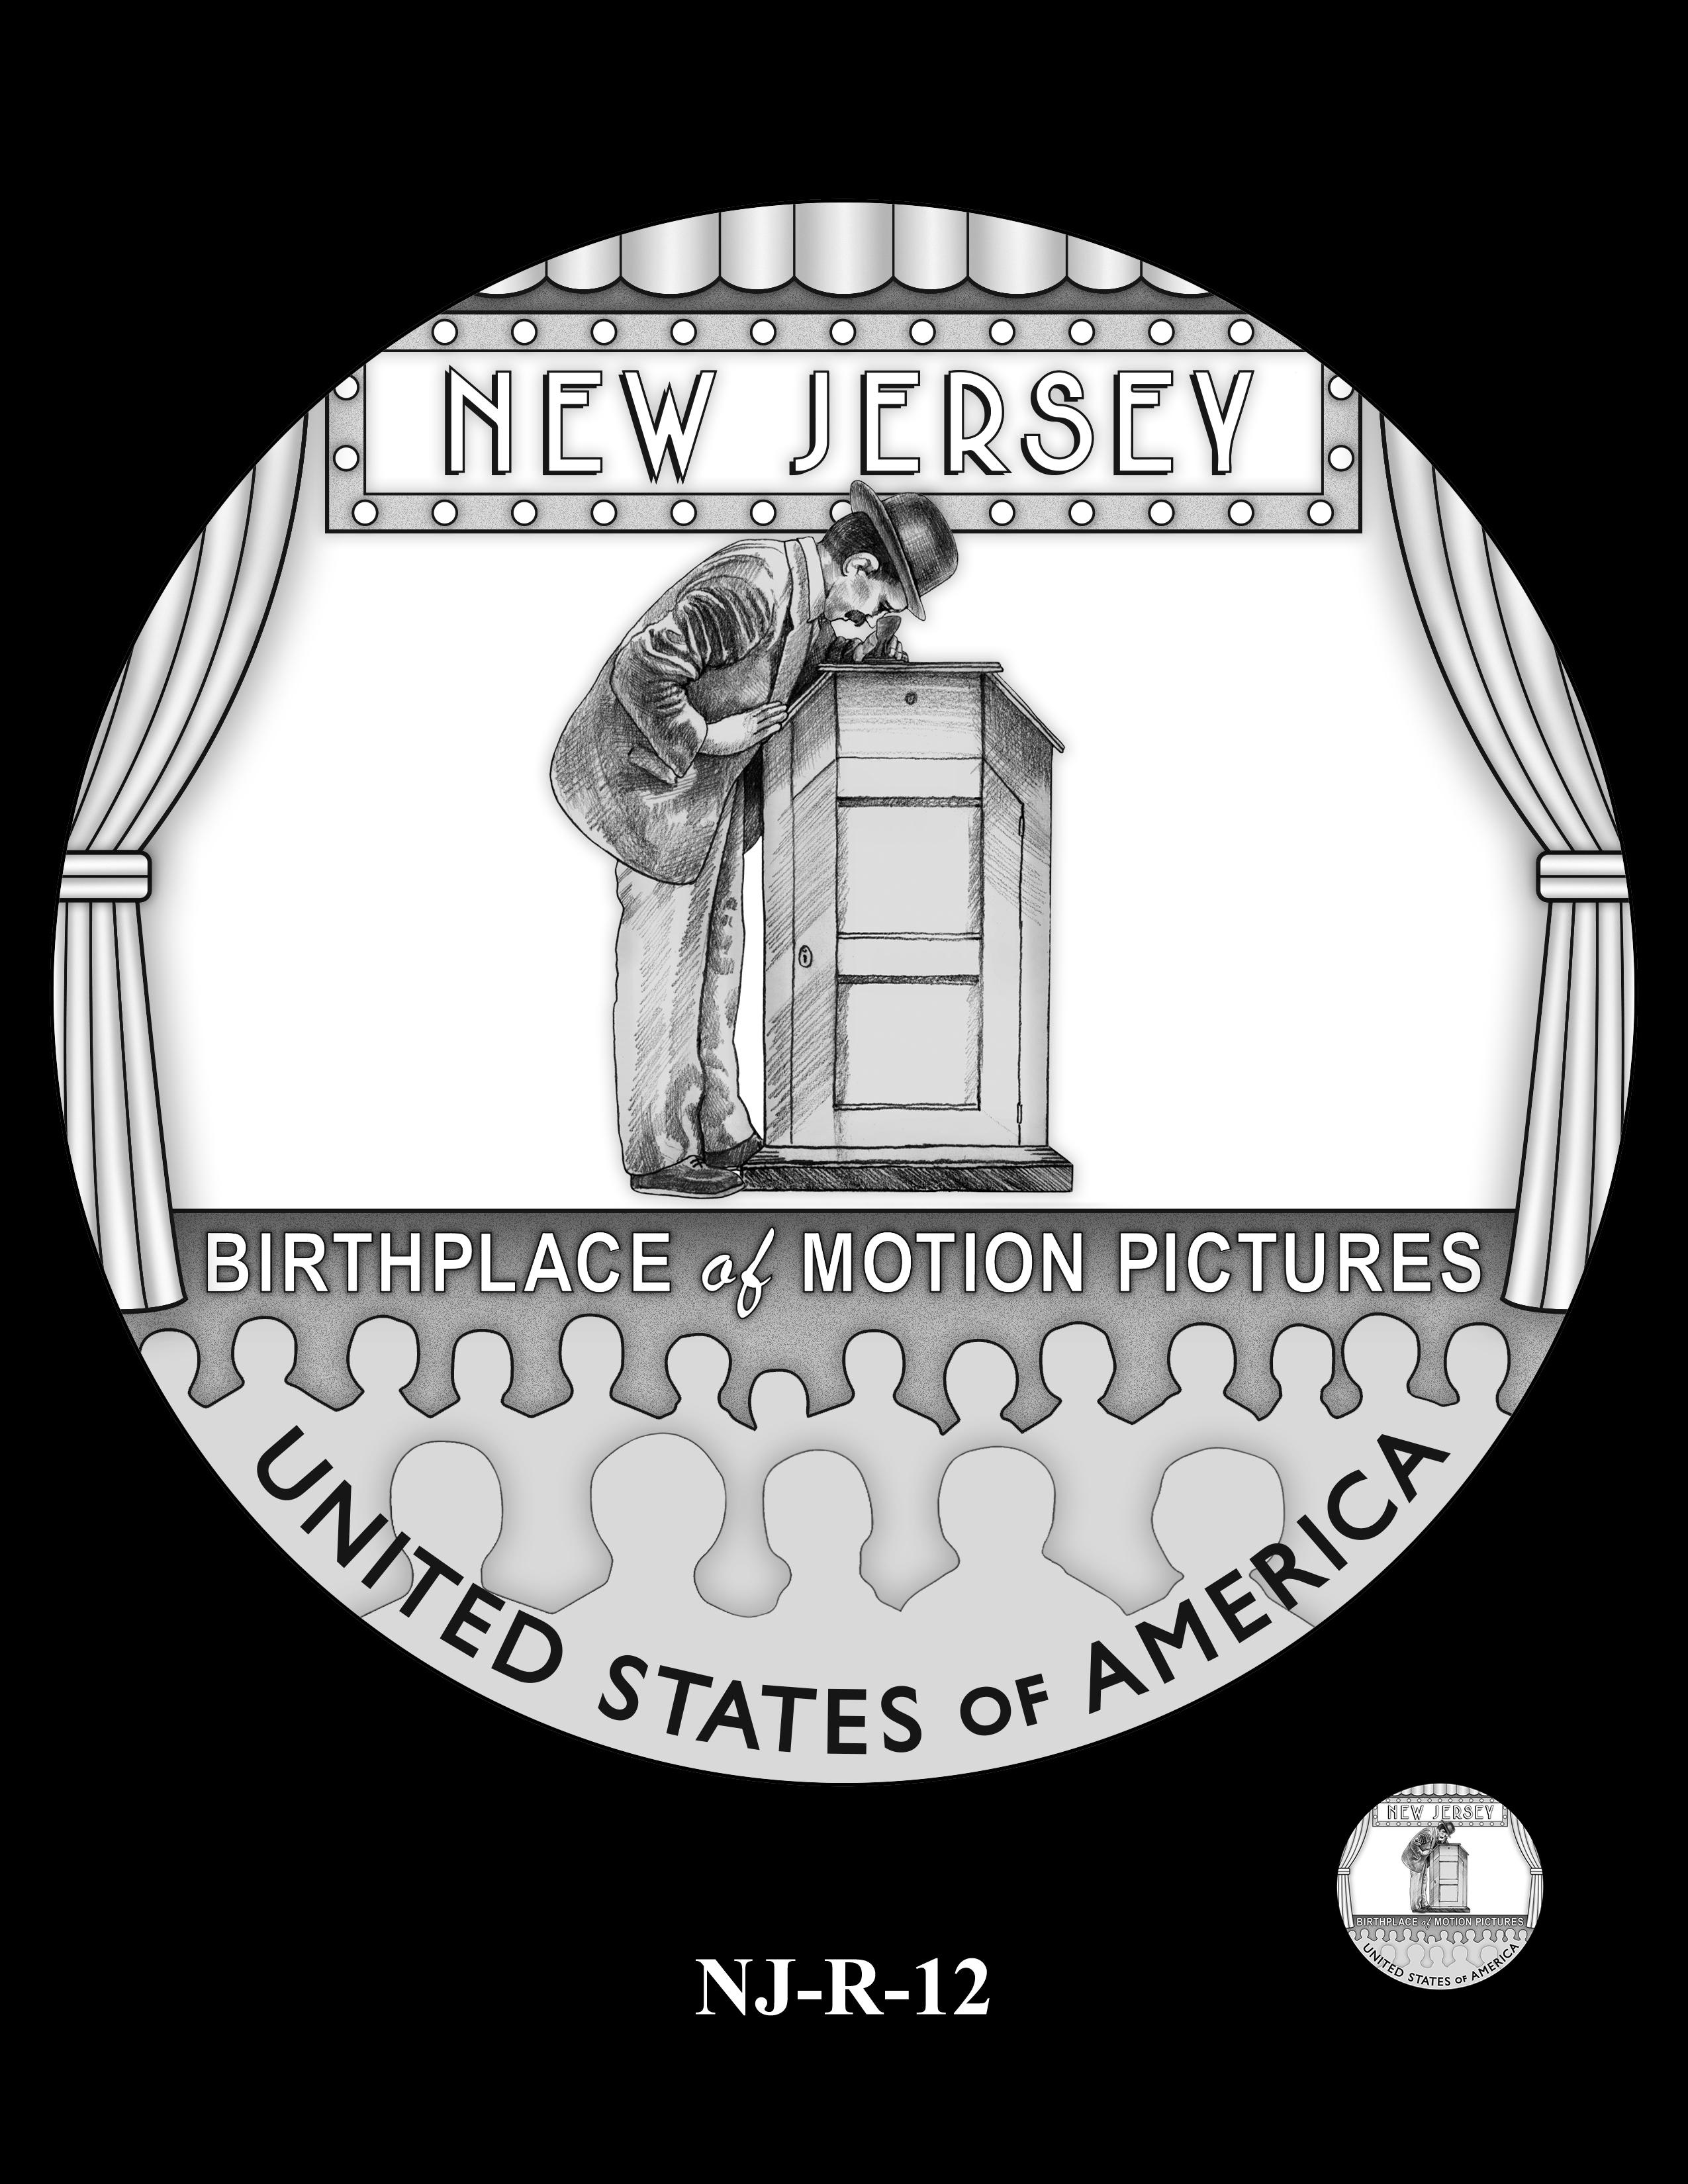 NJ-R-12 -- 2019 American Innovation $1 Coin Program